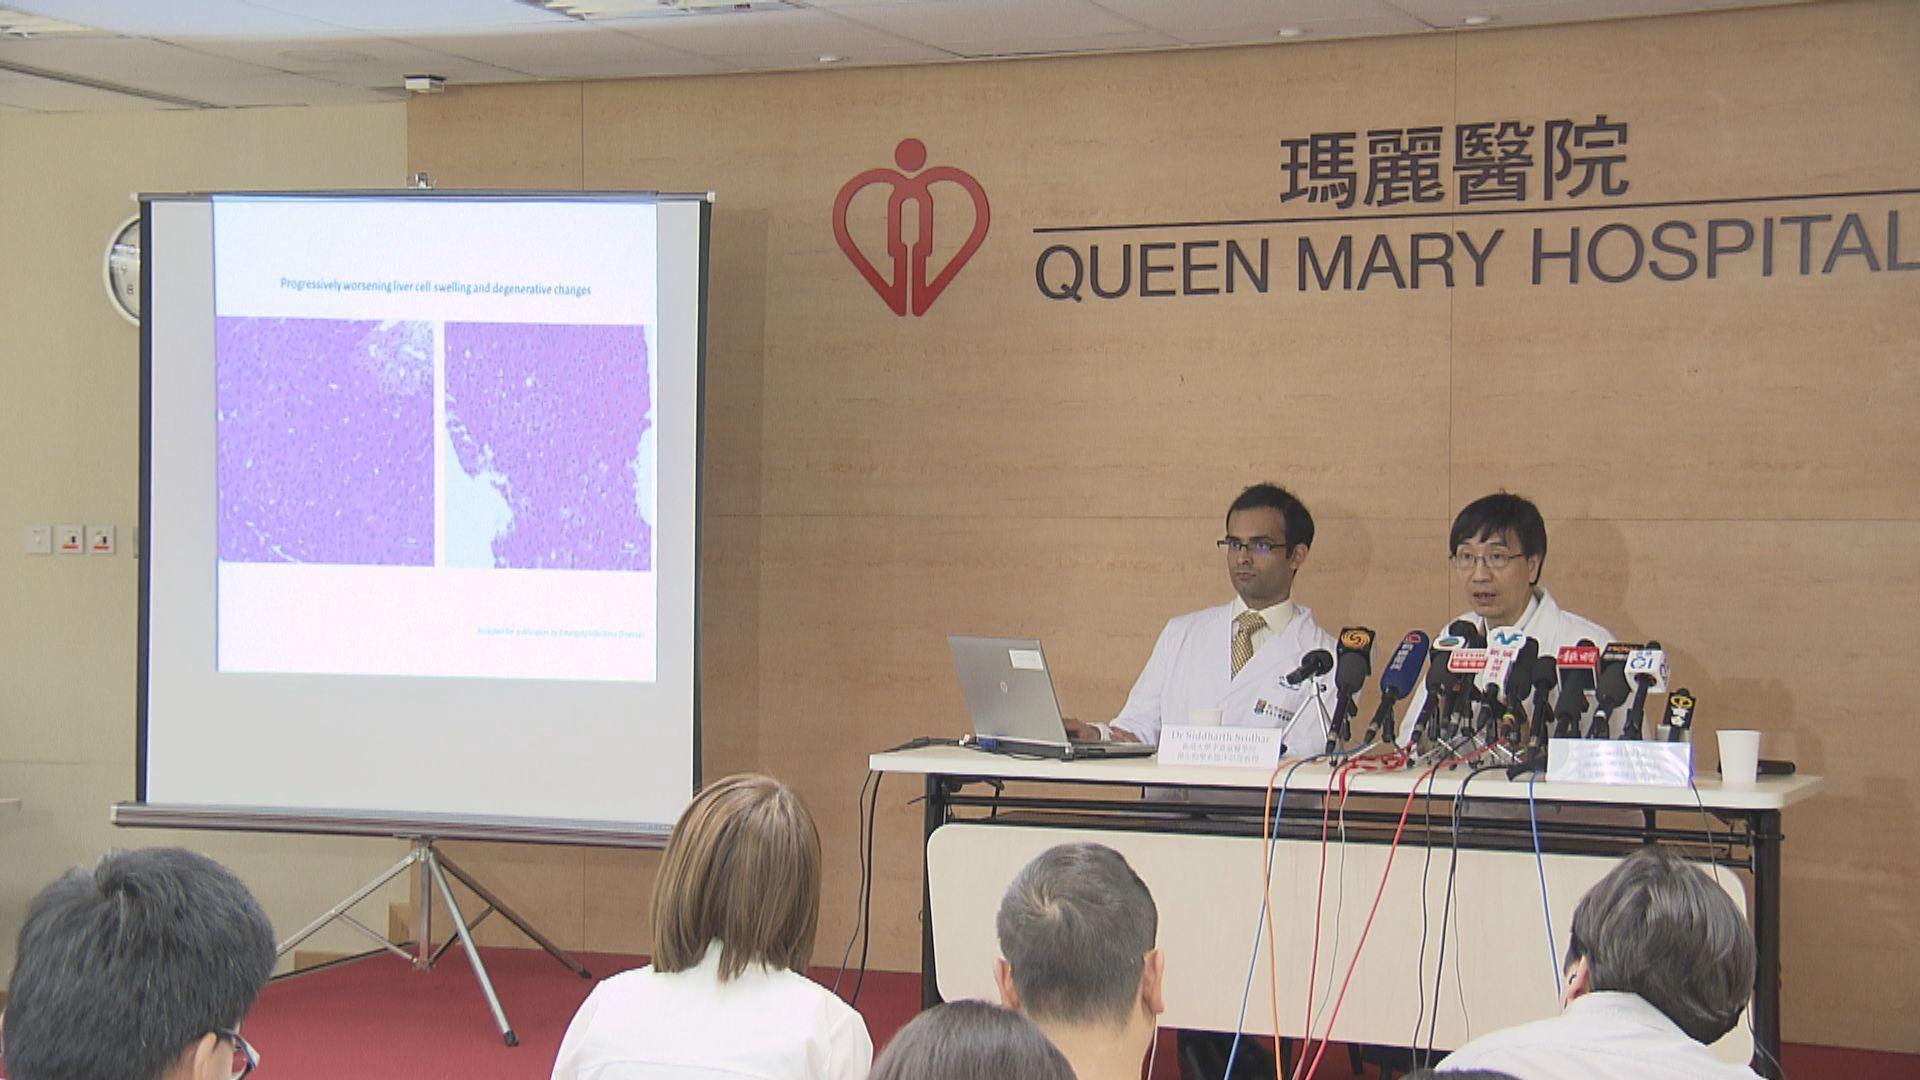 本港再發現一宗老鼠傳人戊型肝炎